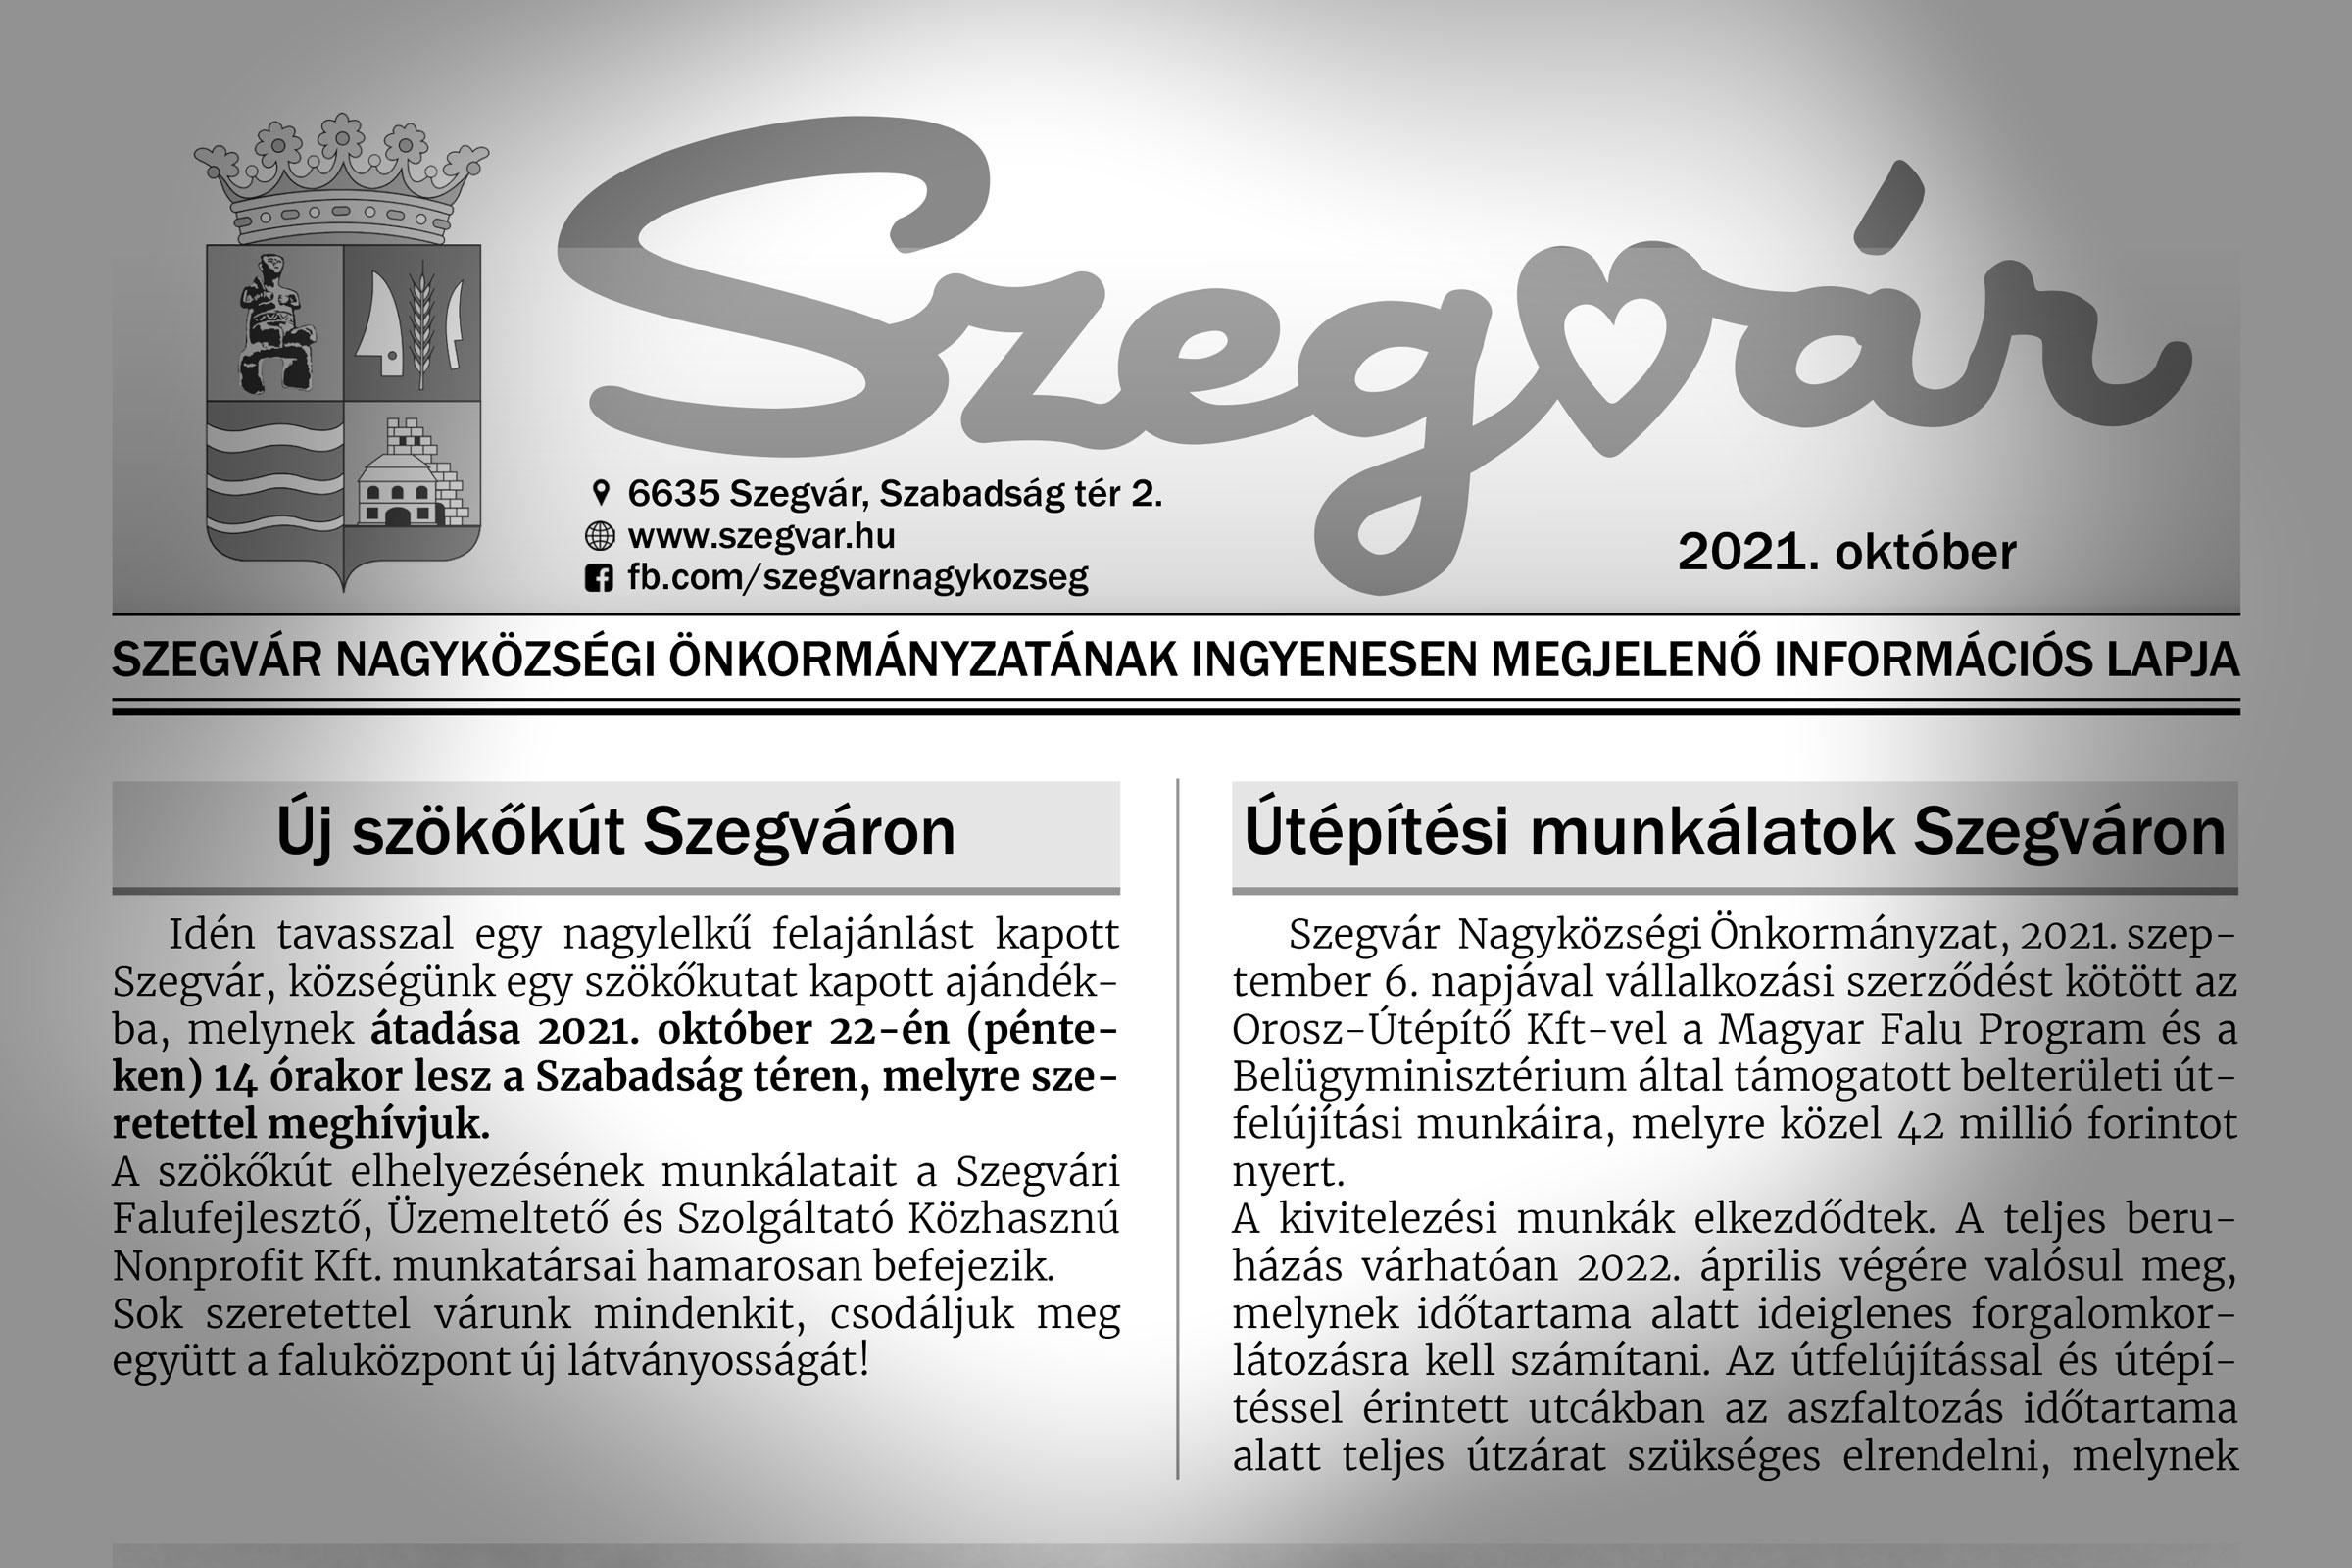 Megjelent a Szegvár újság októberi lapszáma